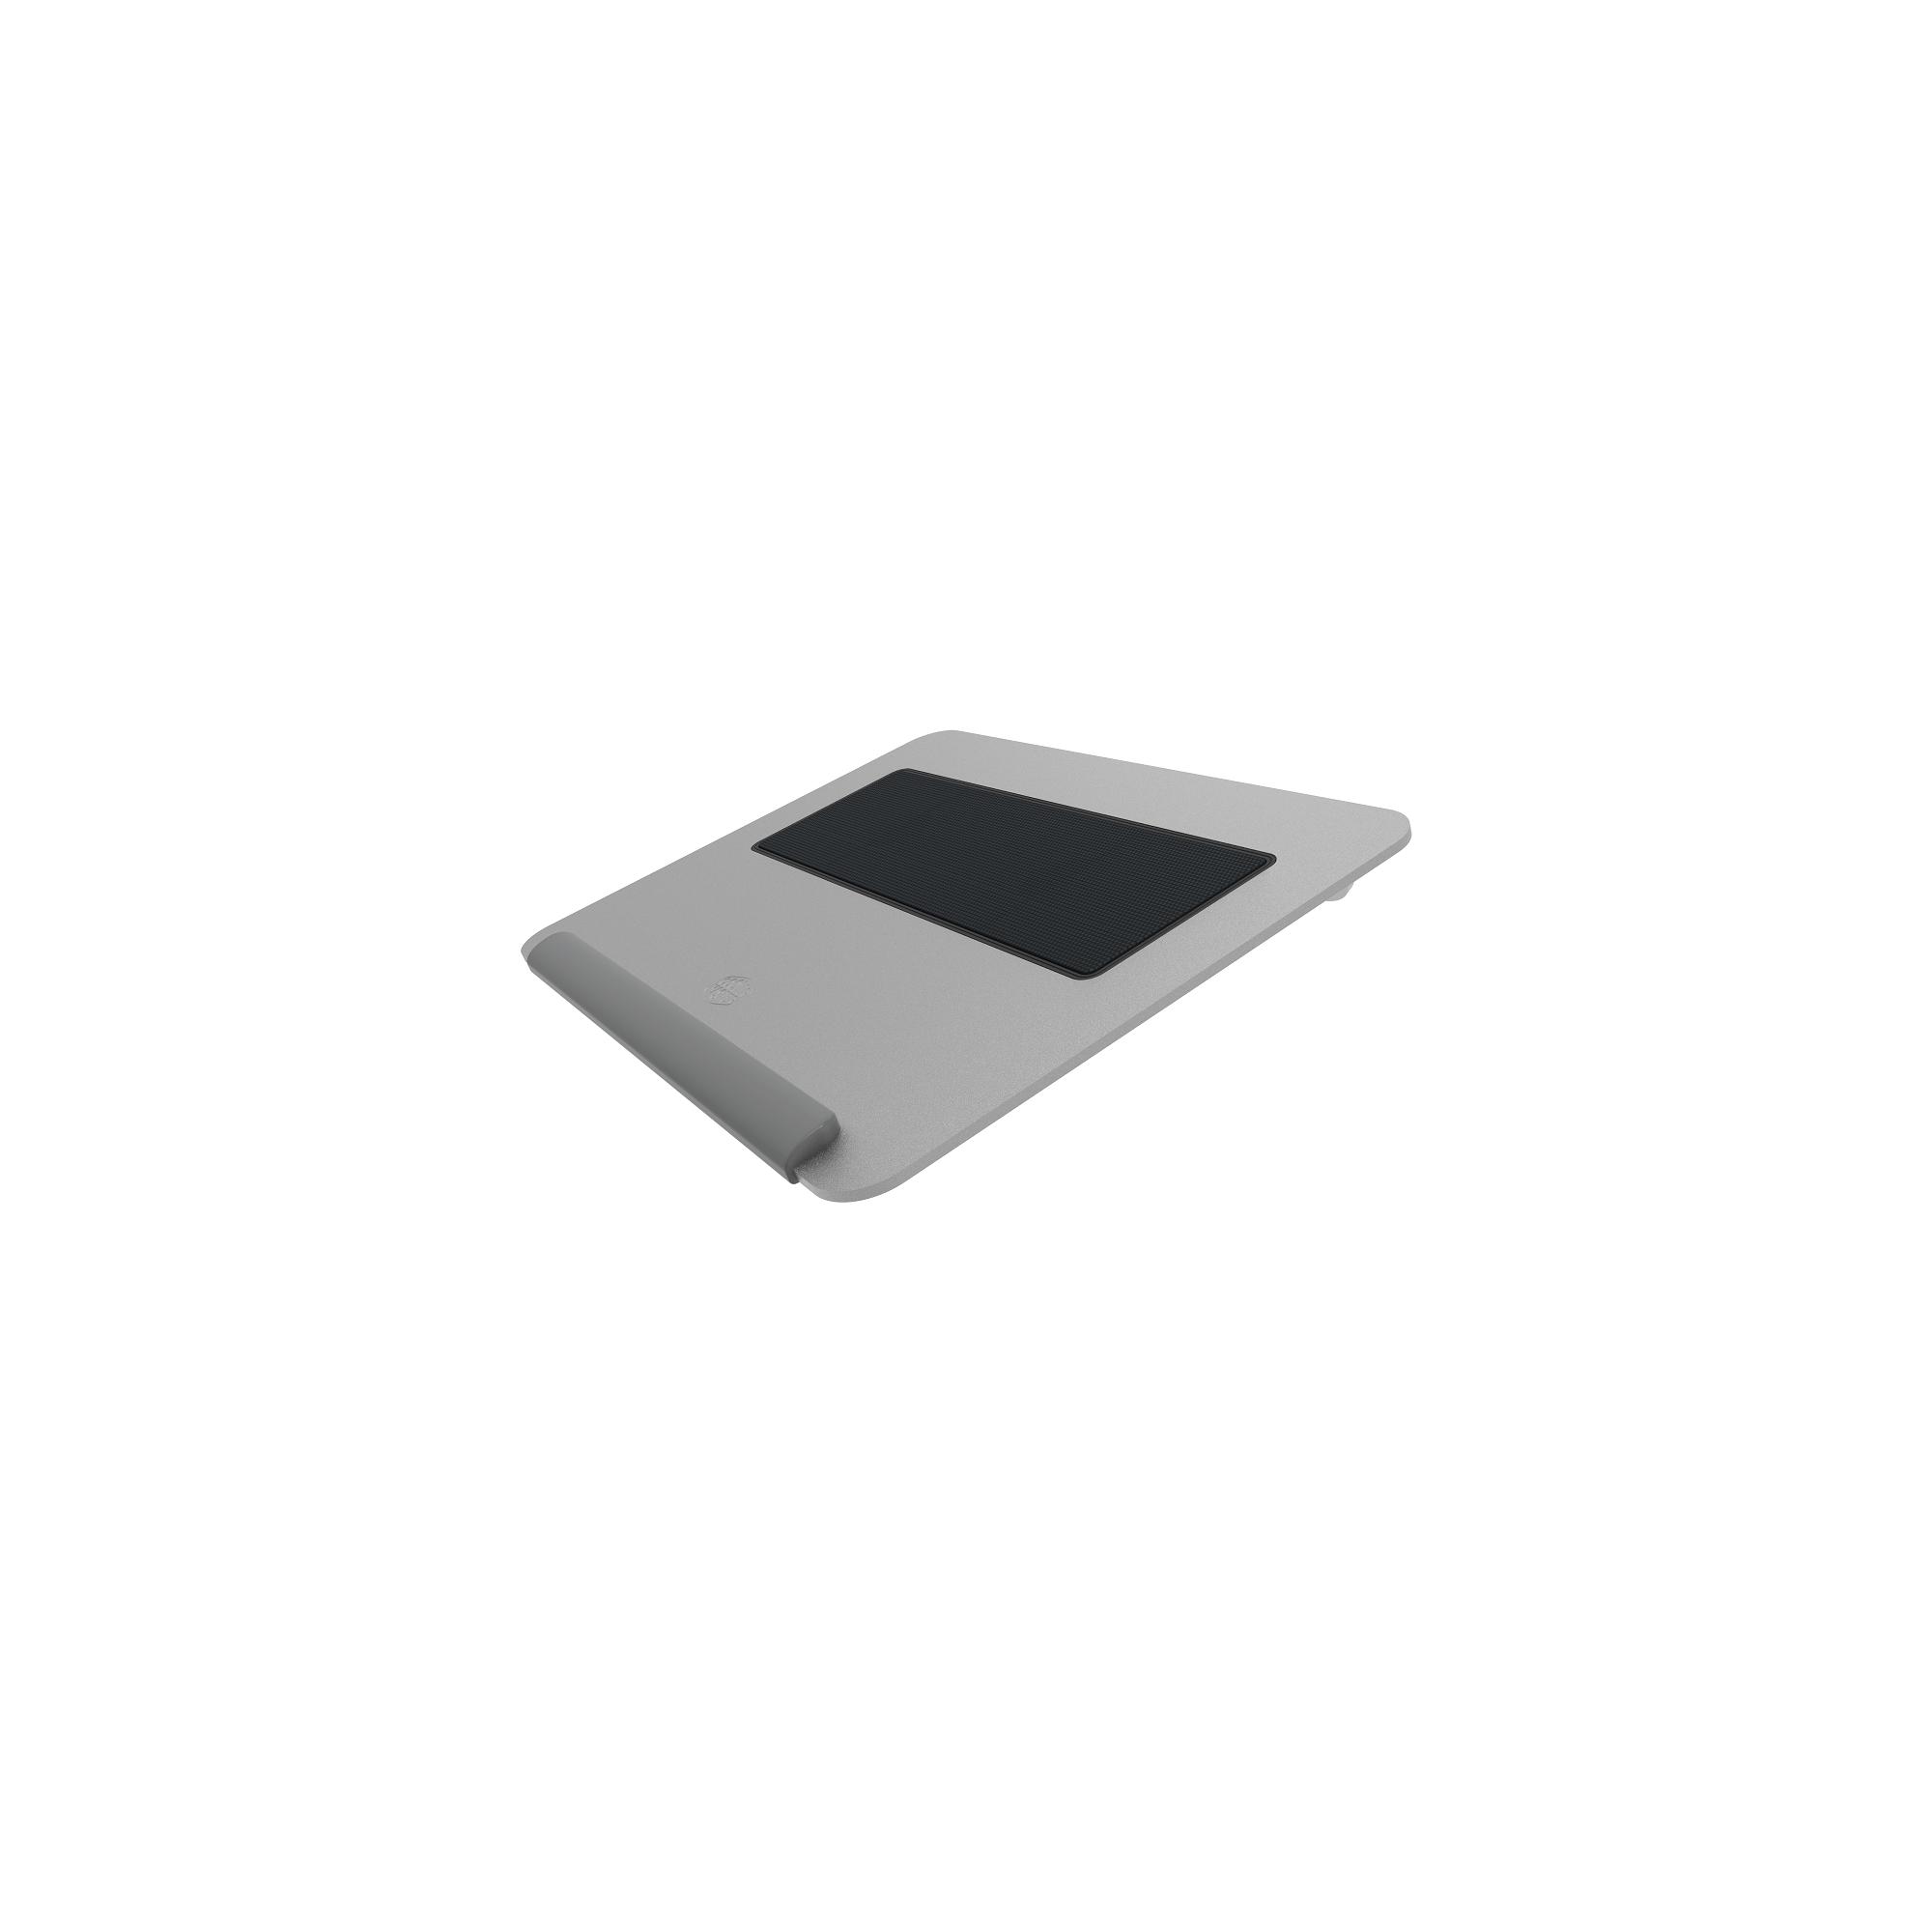 COOLER MASTER chladící podstavec NotePal U150R pro notebook 7-15'', stříbrná - R9-U150R-16FK-R1